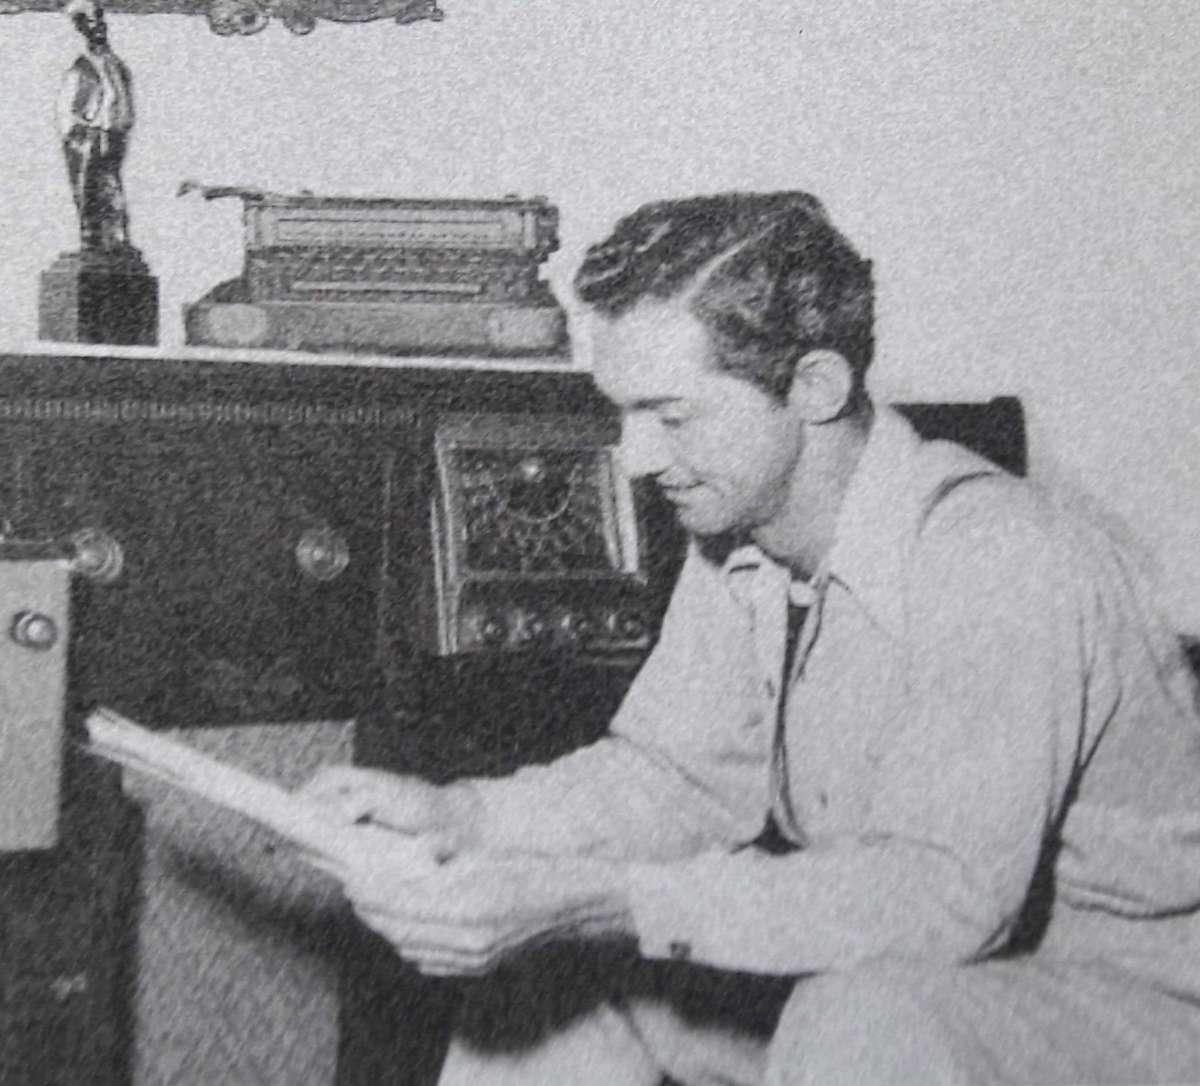 Relanzan Álbum de la Radio 70 años después.